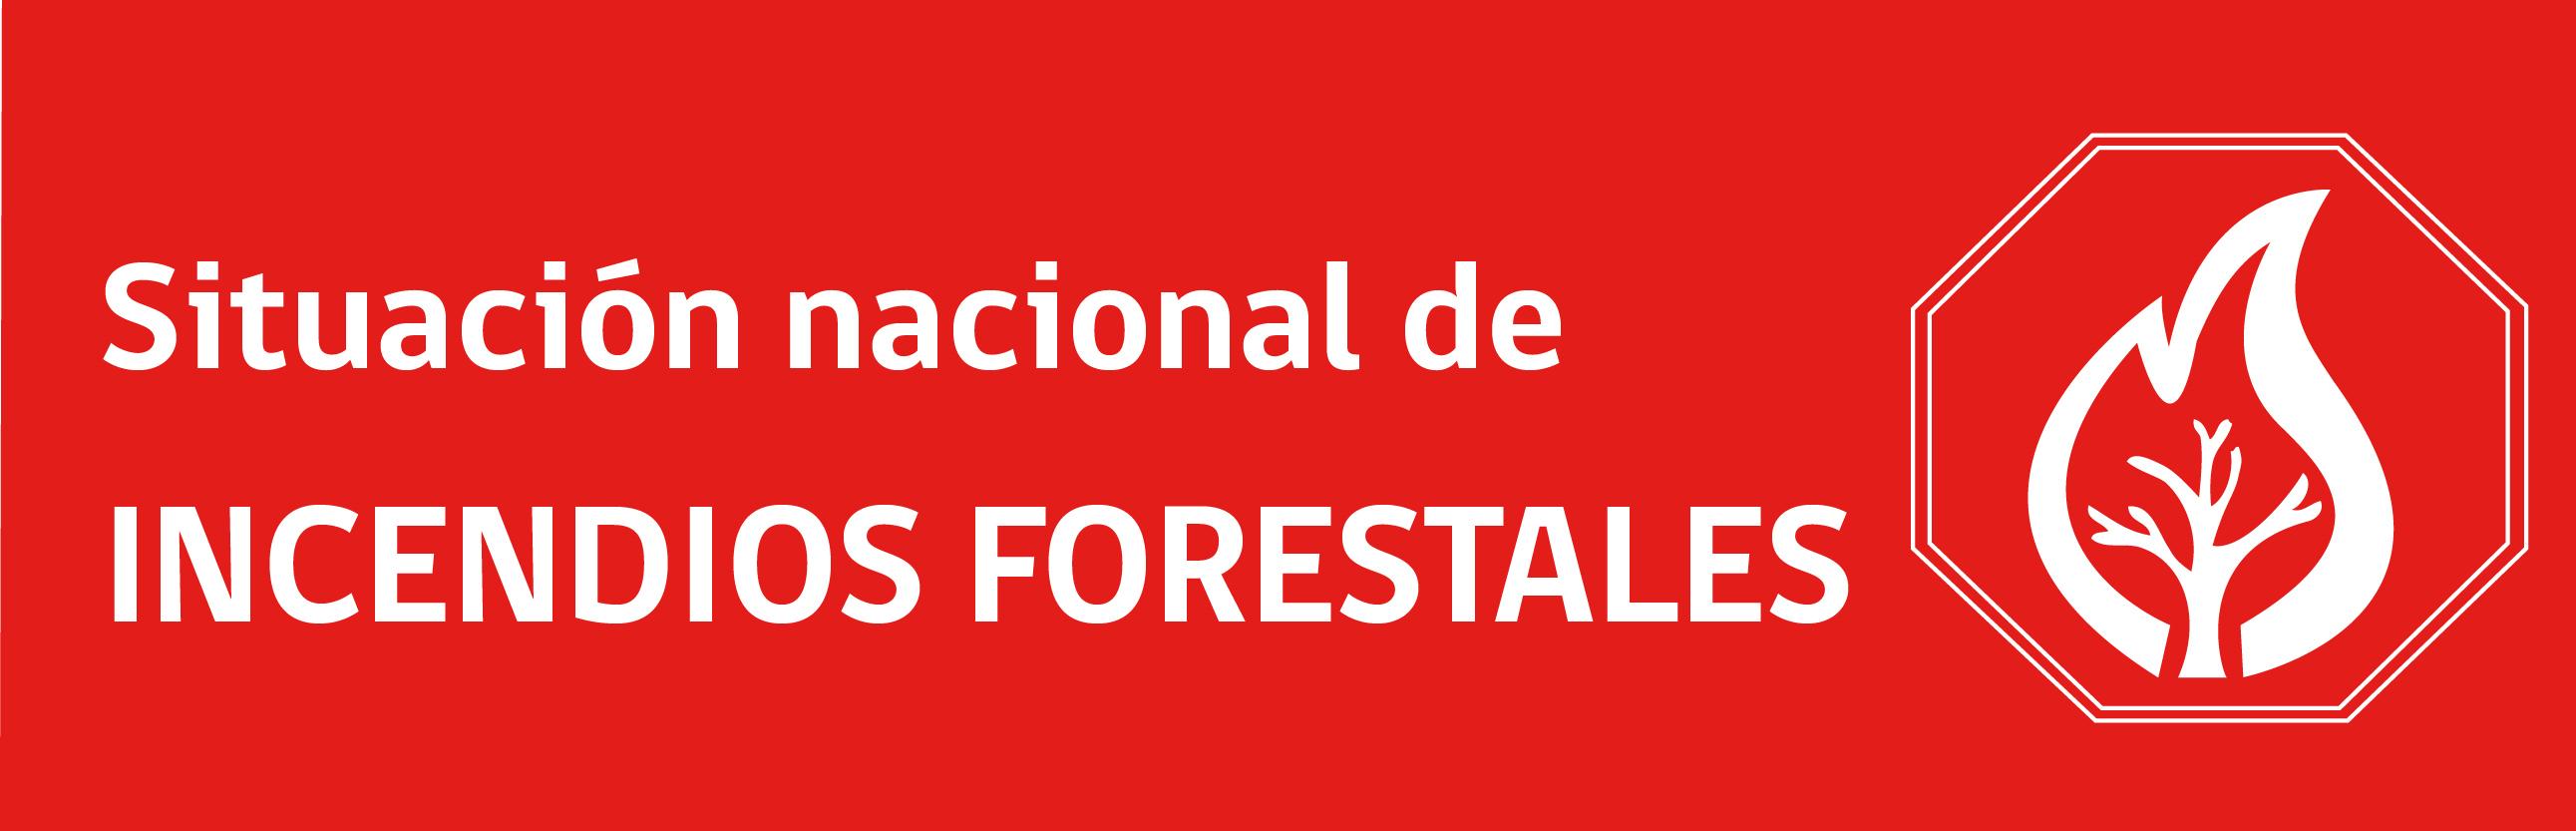 Situación nacional de incendios forestales